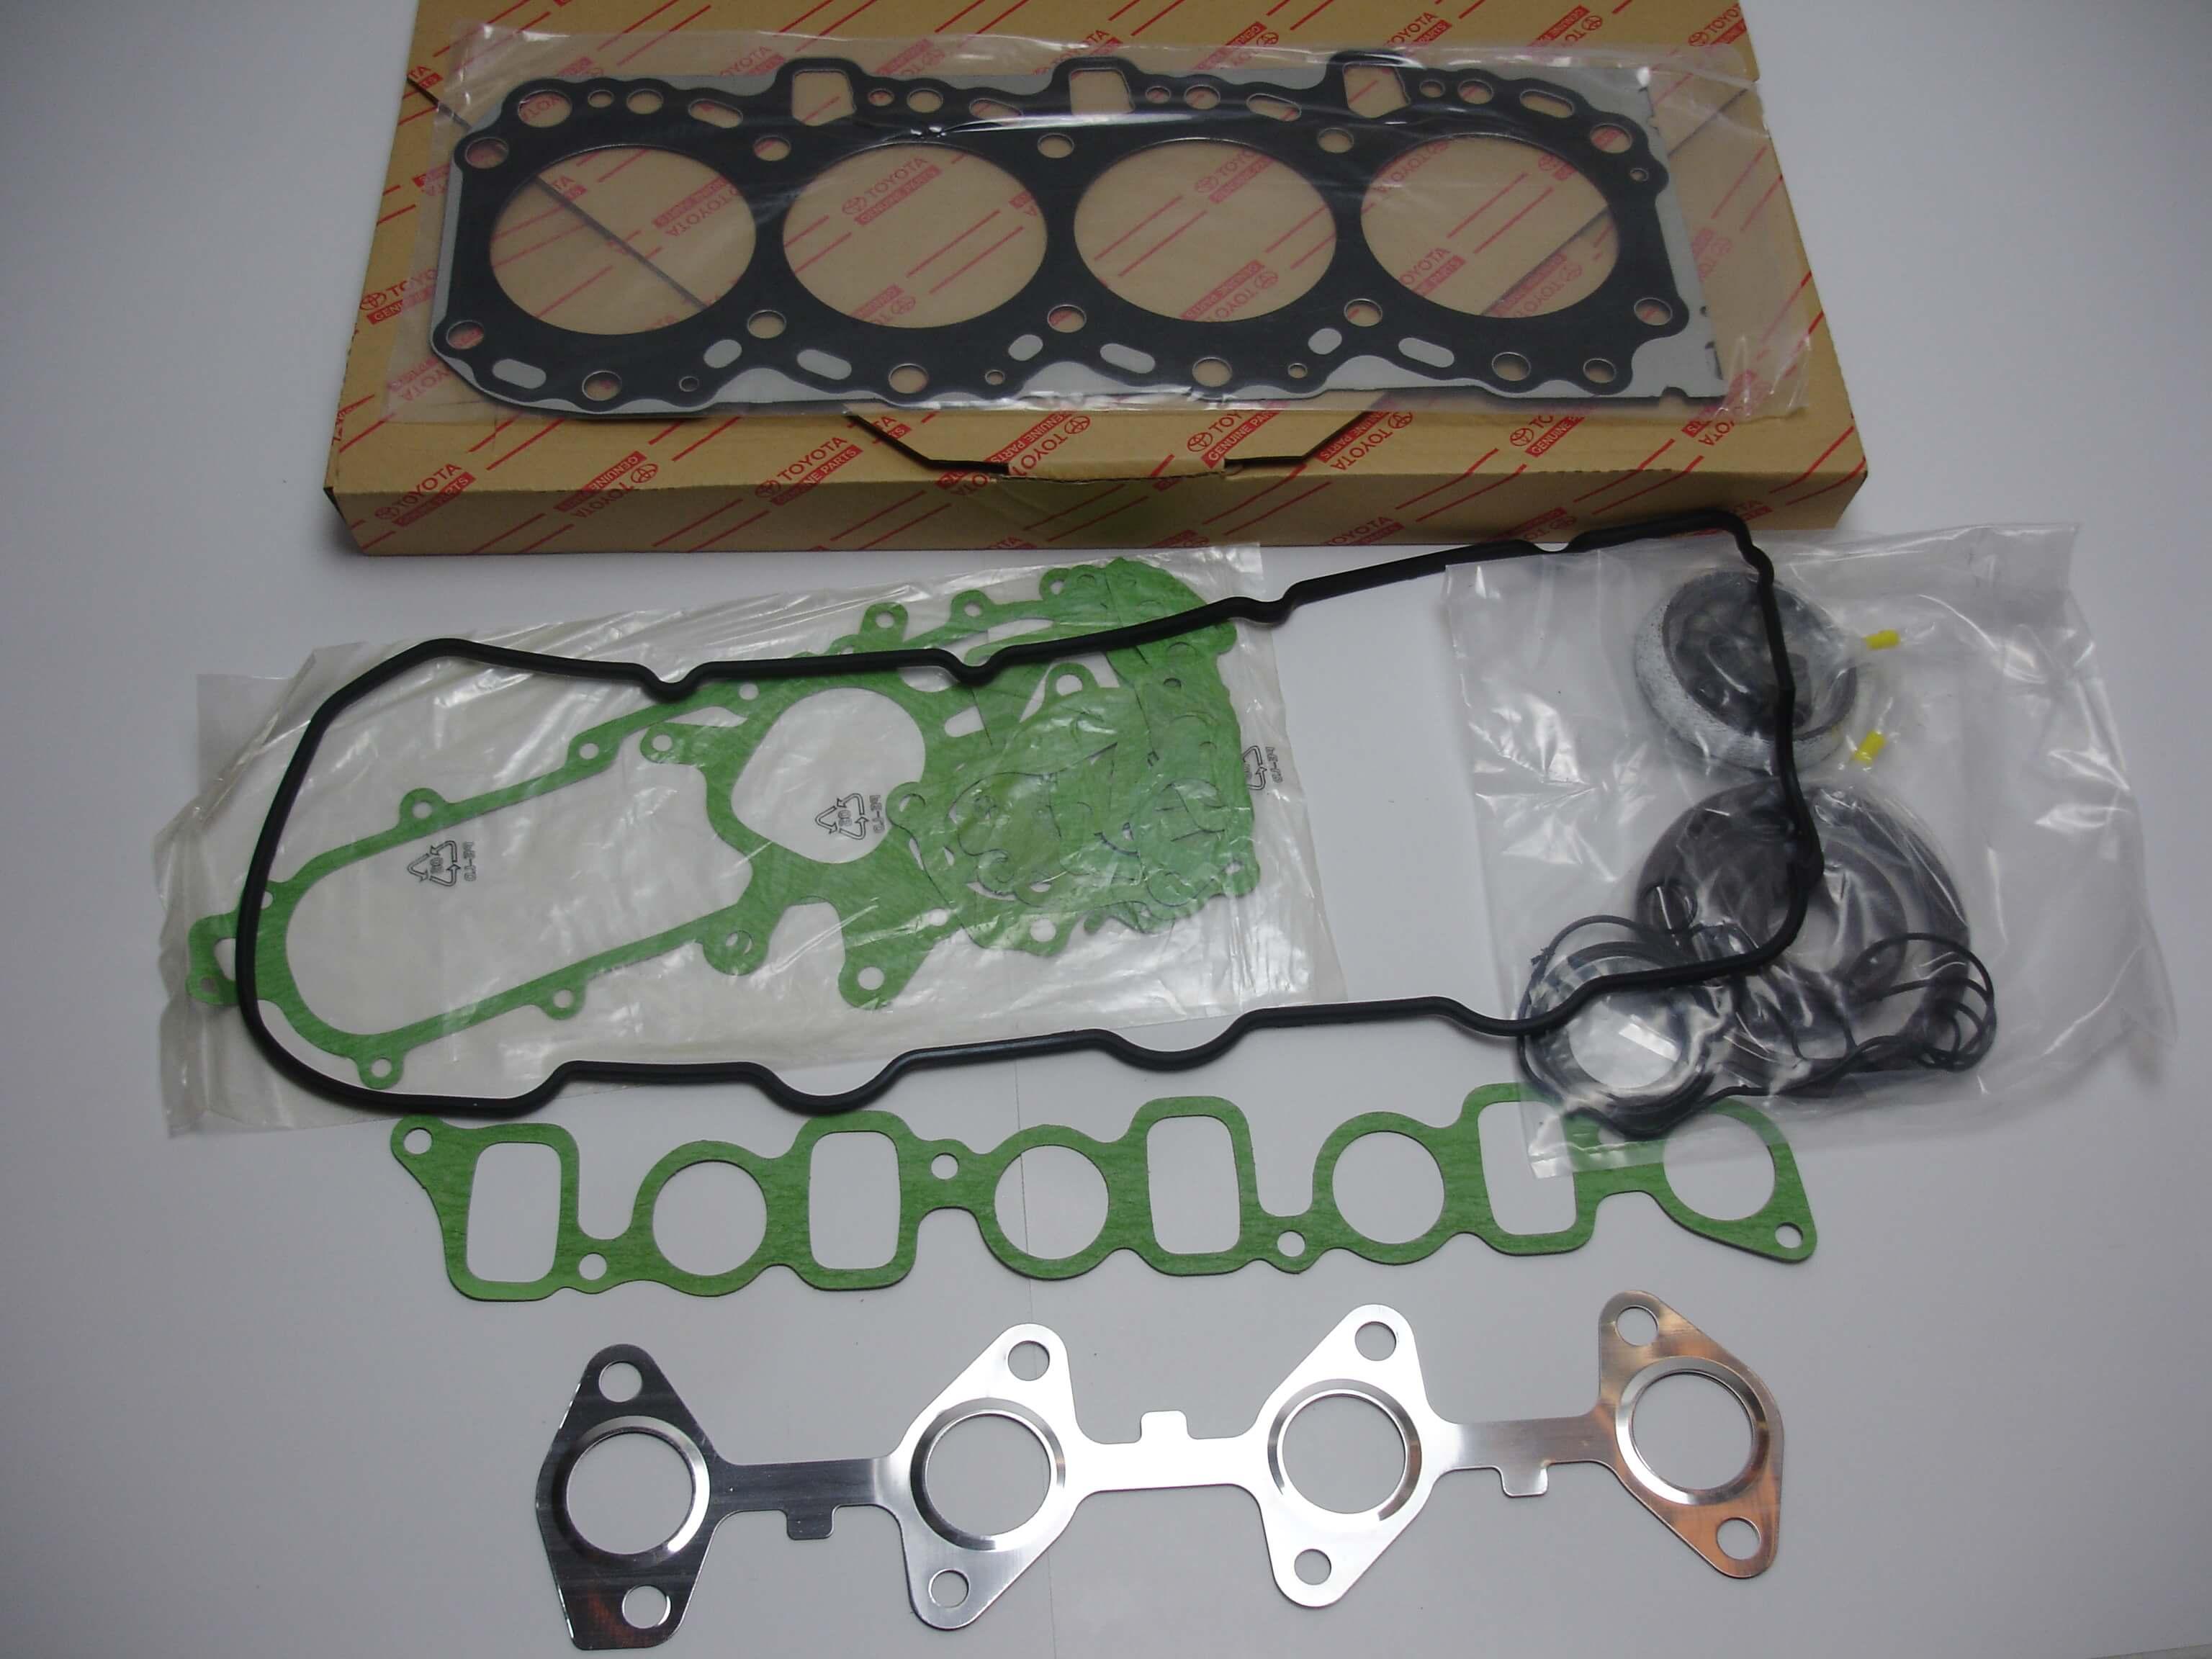 Toyota OEM 1KD FTV Engine Overhaul Gasket Kit 04111-30020 96-02